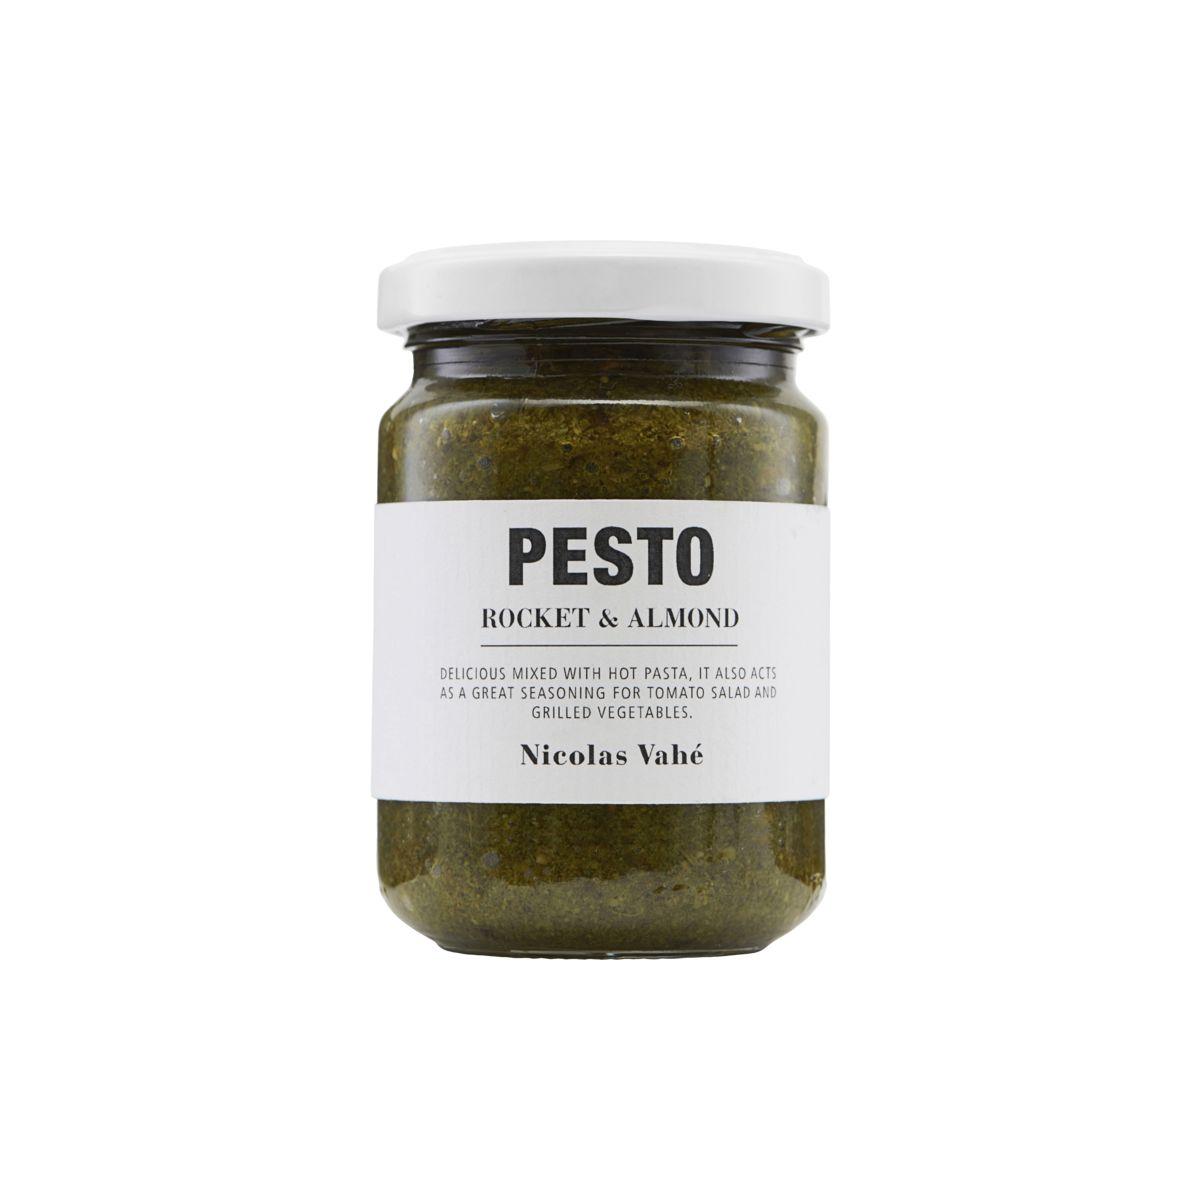 Nicolas Vahé - Pesto With Rucola & Almond 140 g (NVEP001/104620001)